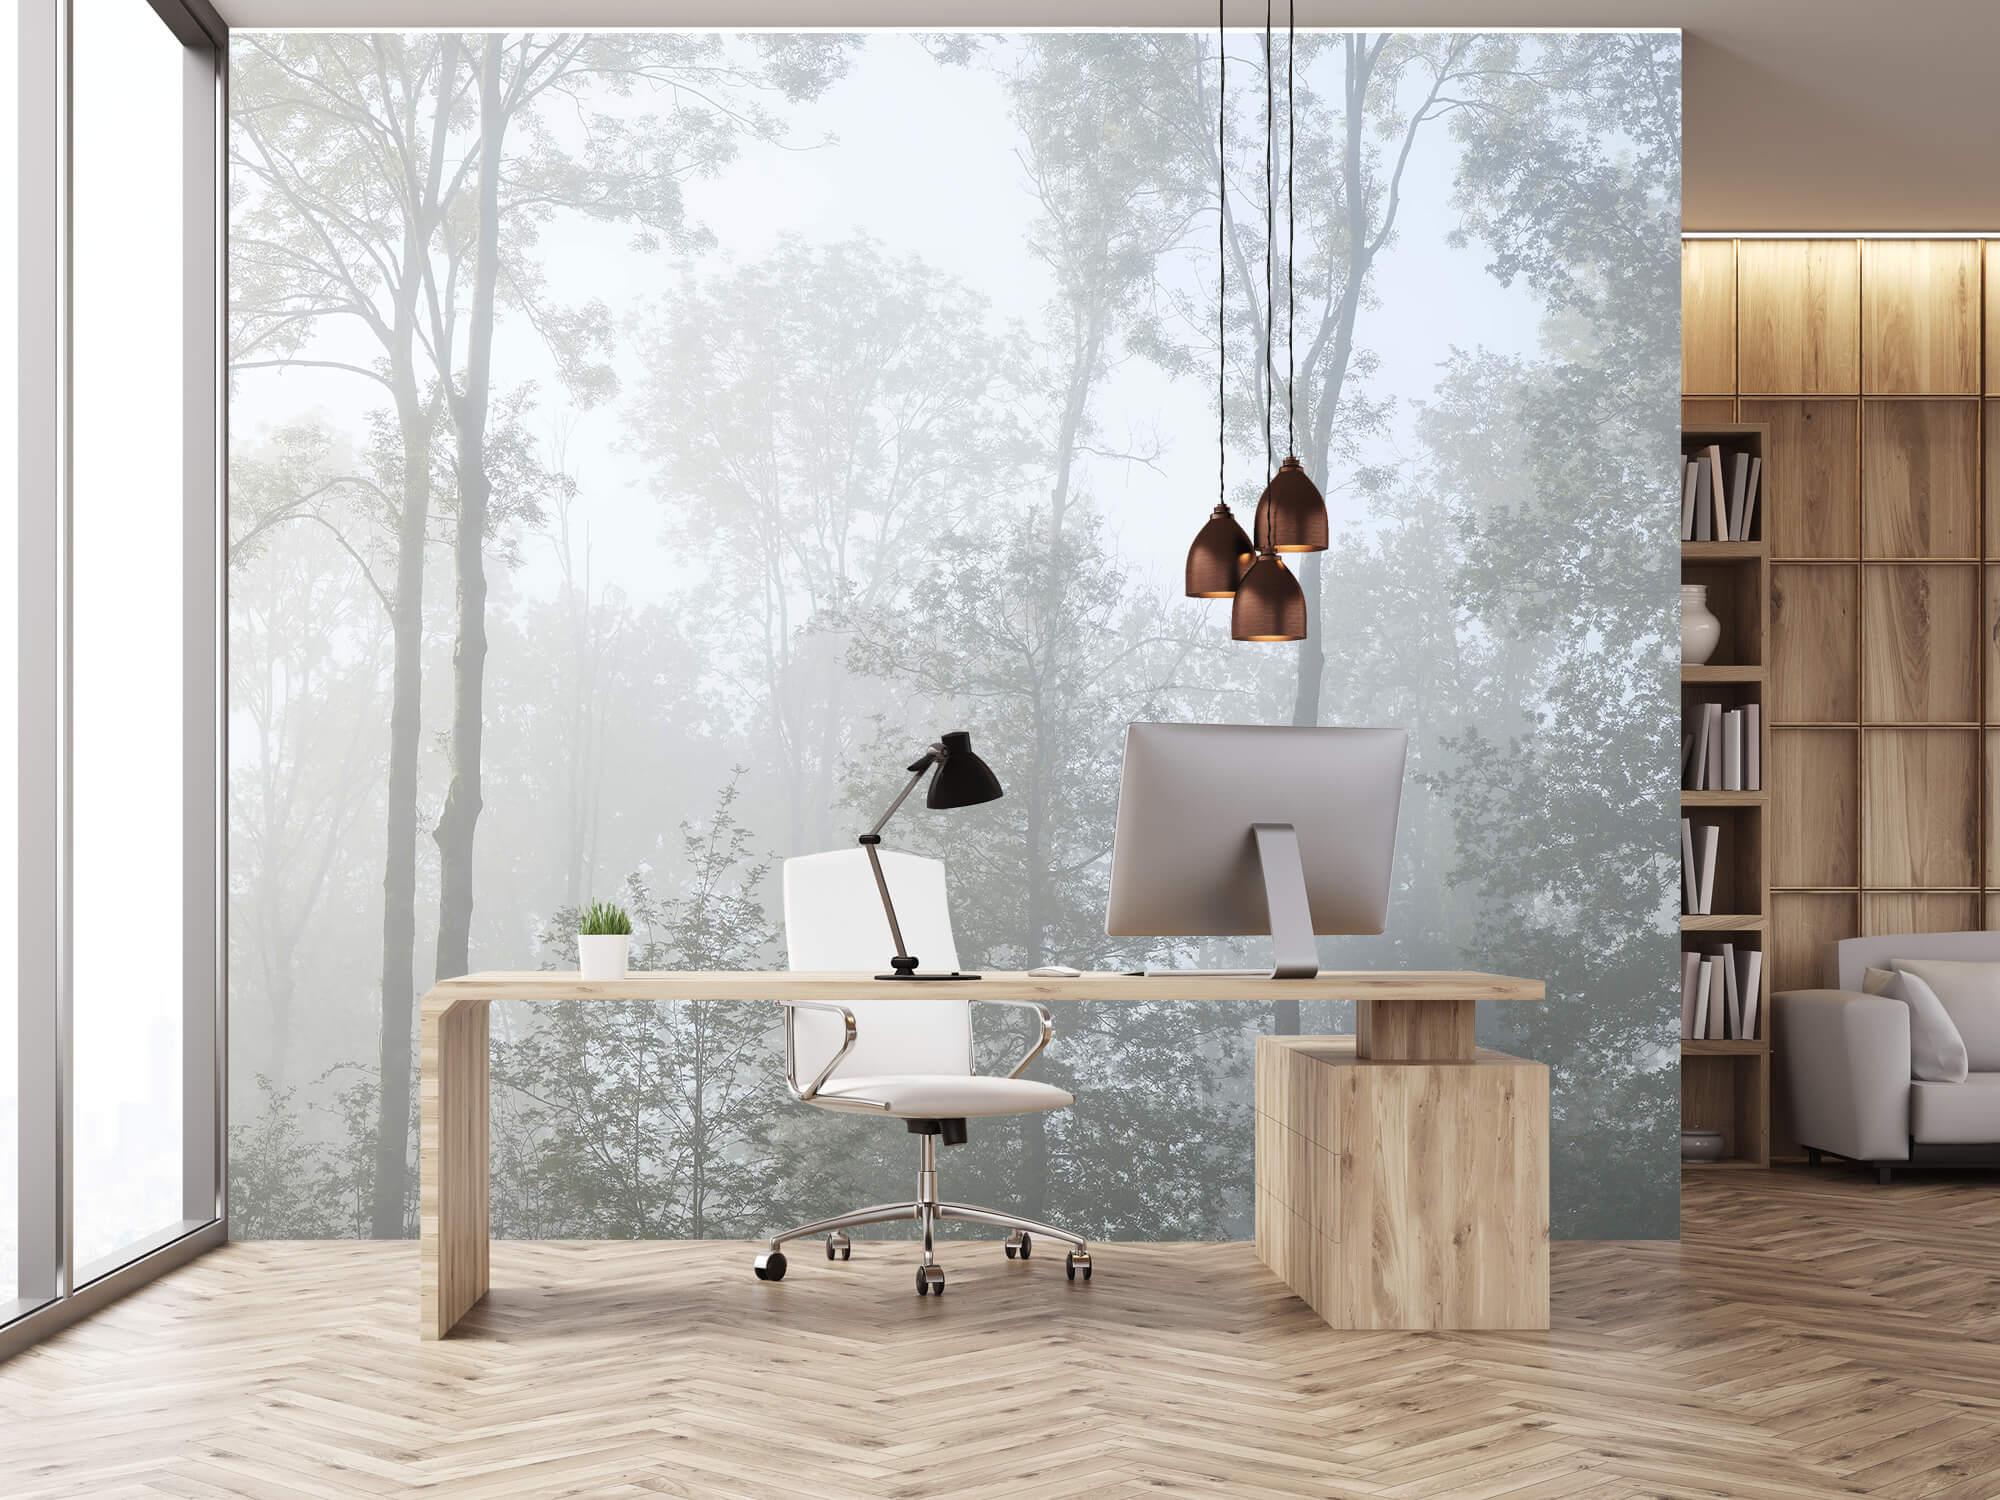 Bos behang Dichte mist in het bos 24